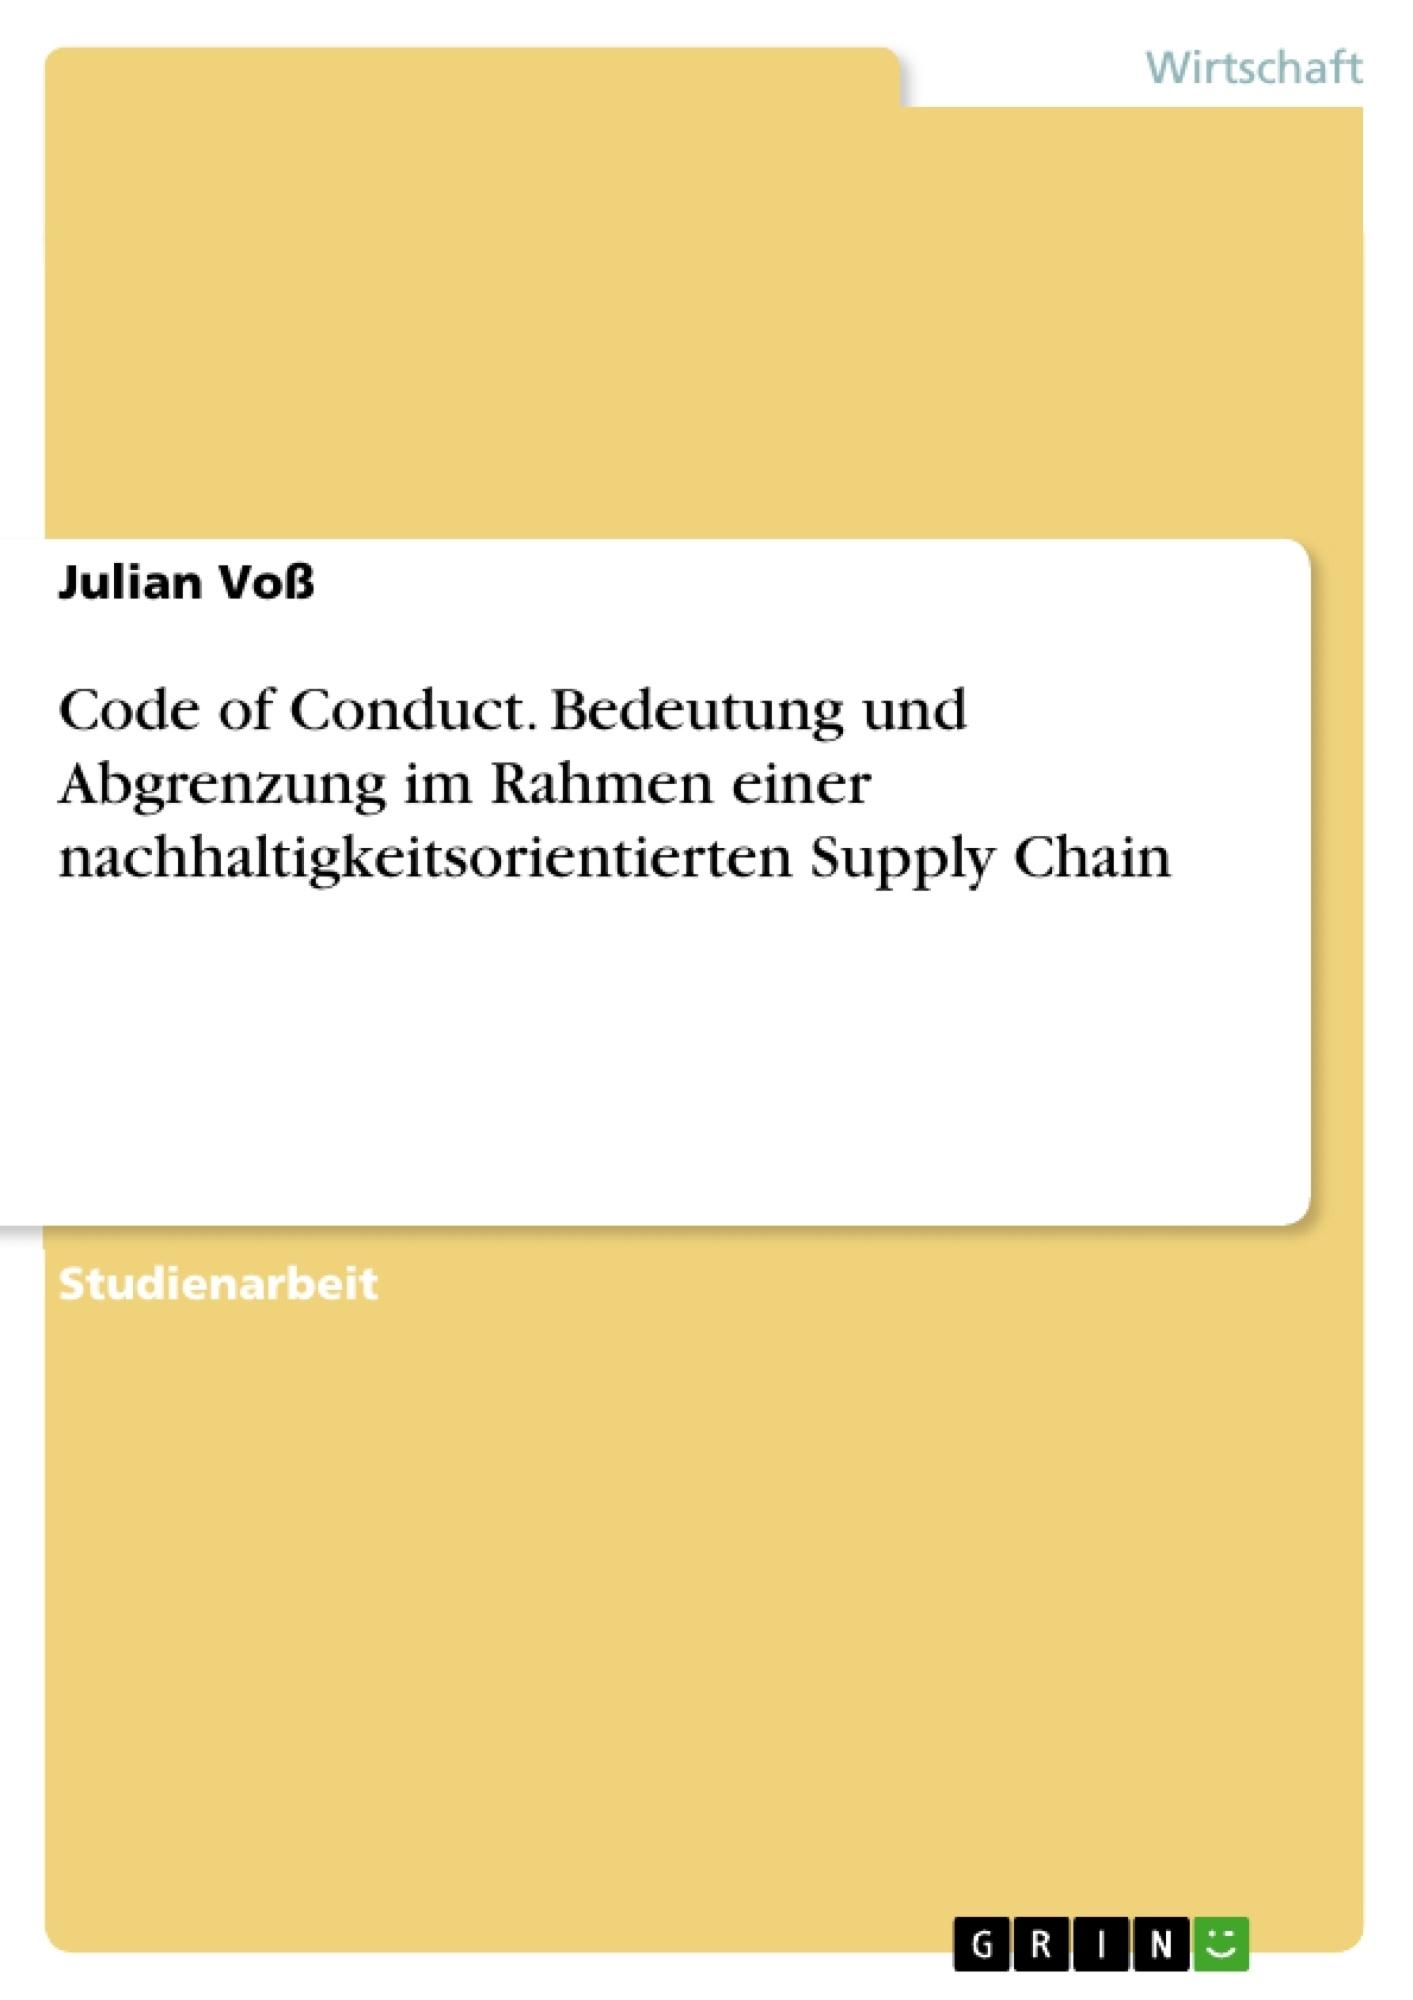 Titel: Code of Conduct. Bedeutung und Abgrenzung im Rahmen einer nachhaltigkeitsorientierten Supply Chain